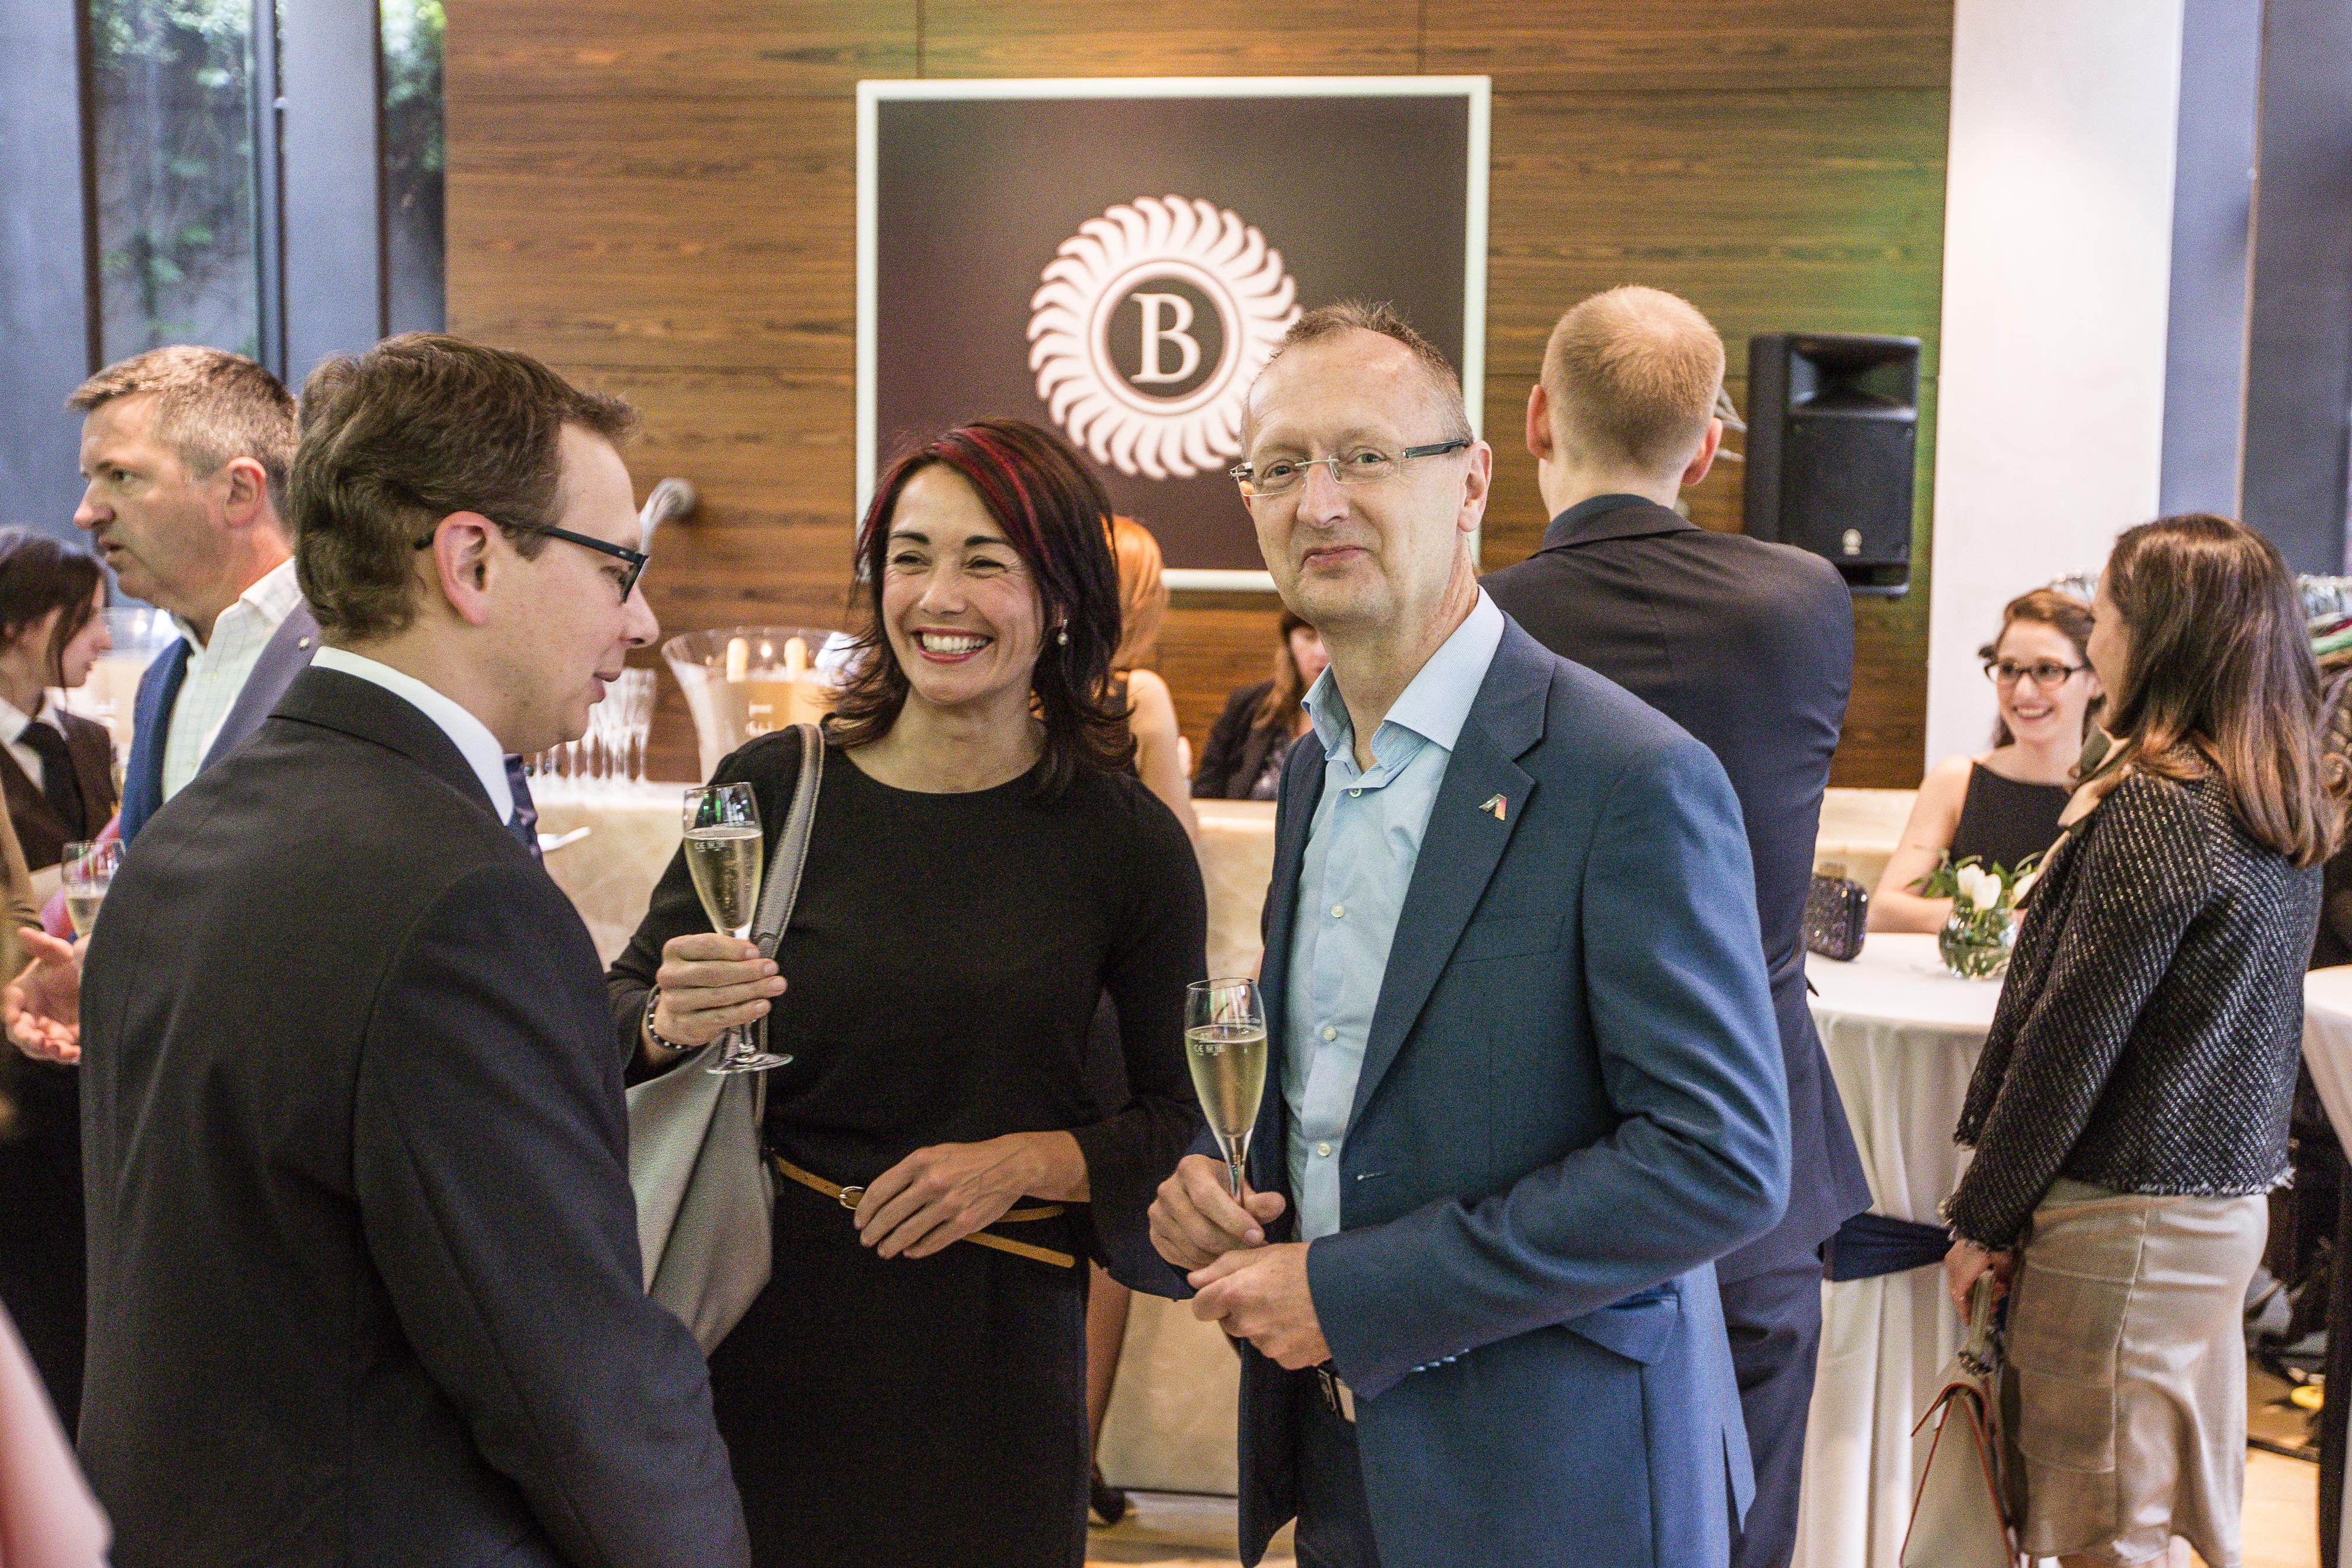 Zástupci společnosti ABRA Software Jaroslav Řasa a Monika Vondráková při debatě s redaktorem Forbesu Jaroslavem Maškem.